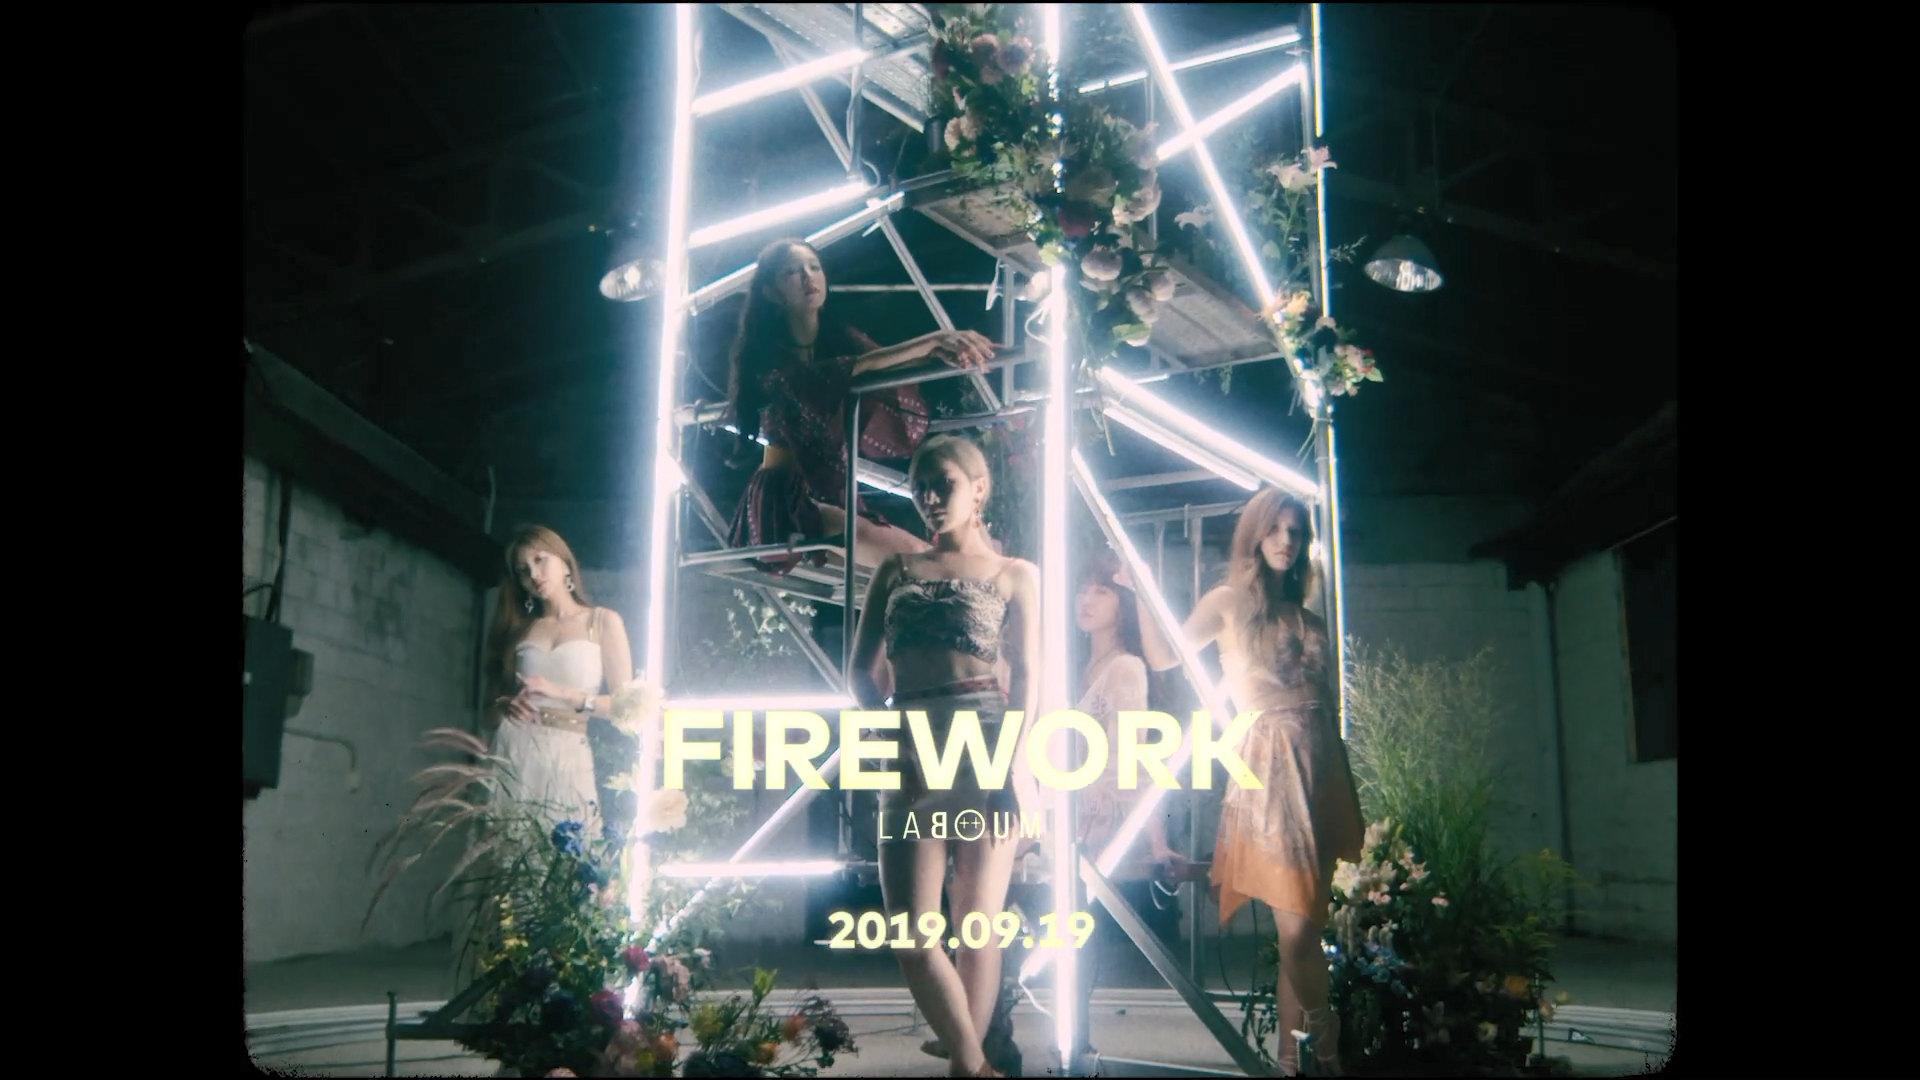 Imagini pentru Laboum firework